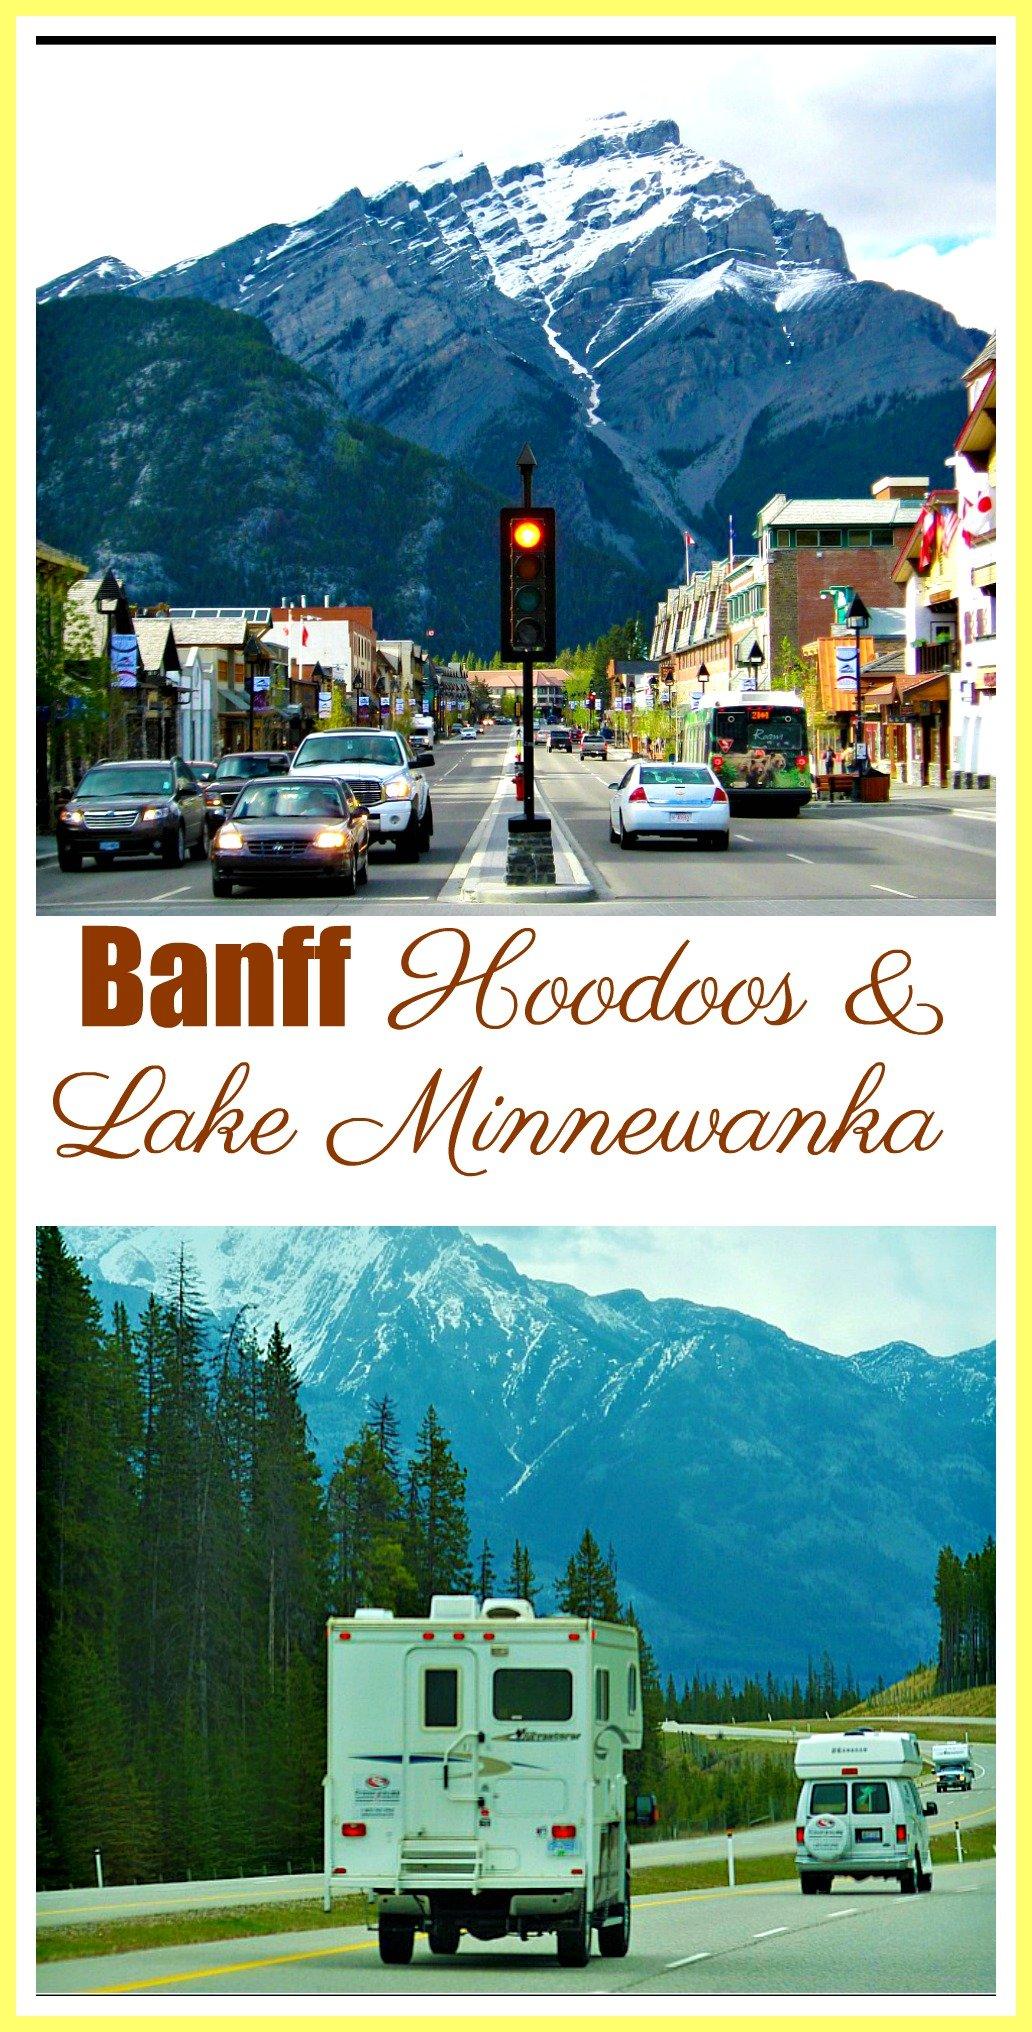 Banff Hoodoos and Lake Minnewanka Hike